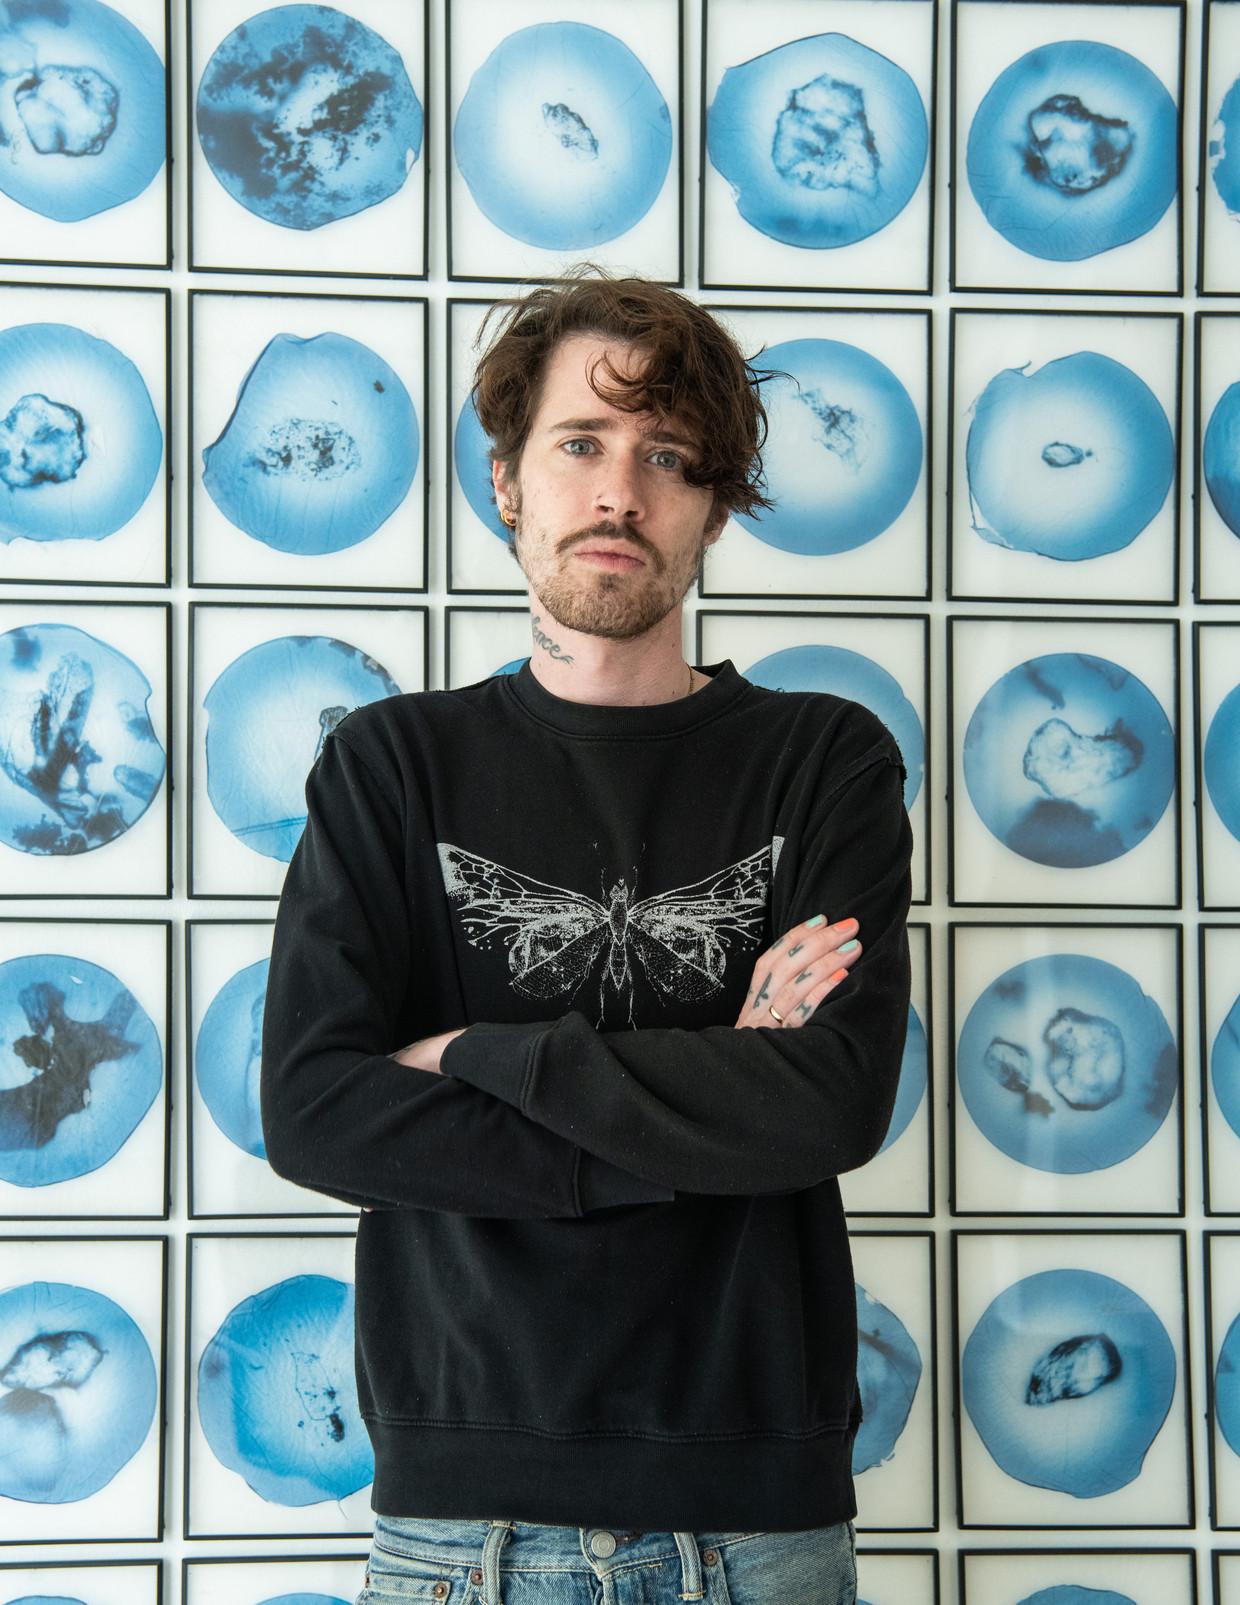 Tom Eerebout voor een werk van Joost Vandebrug. Beeld GalleryViewer